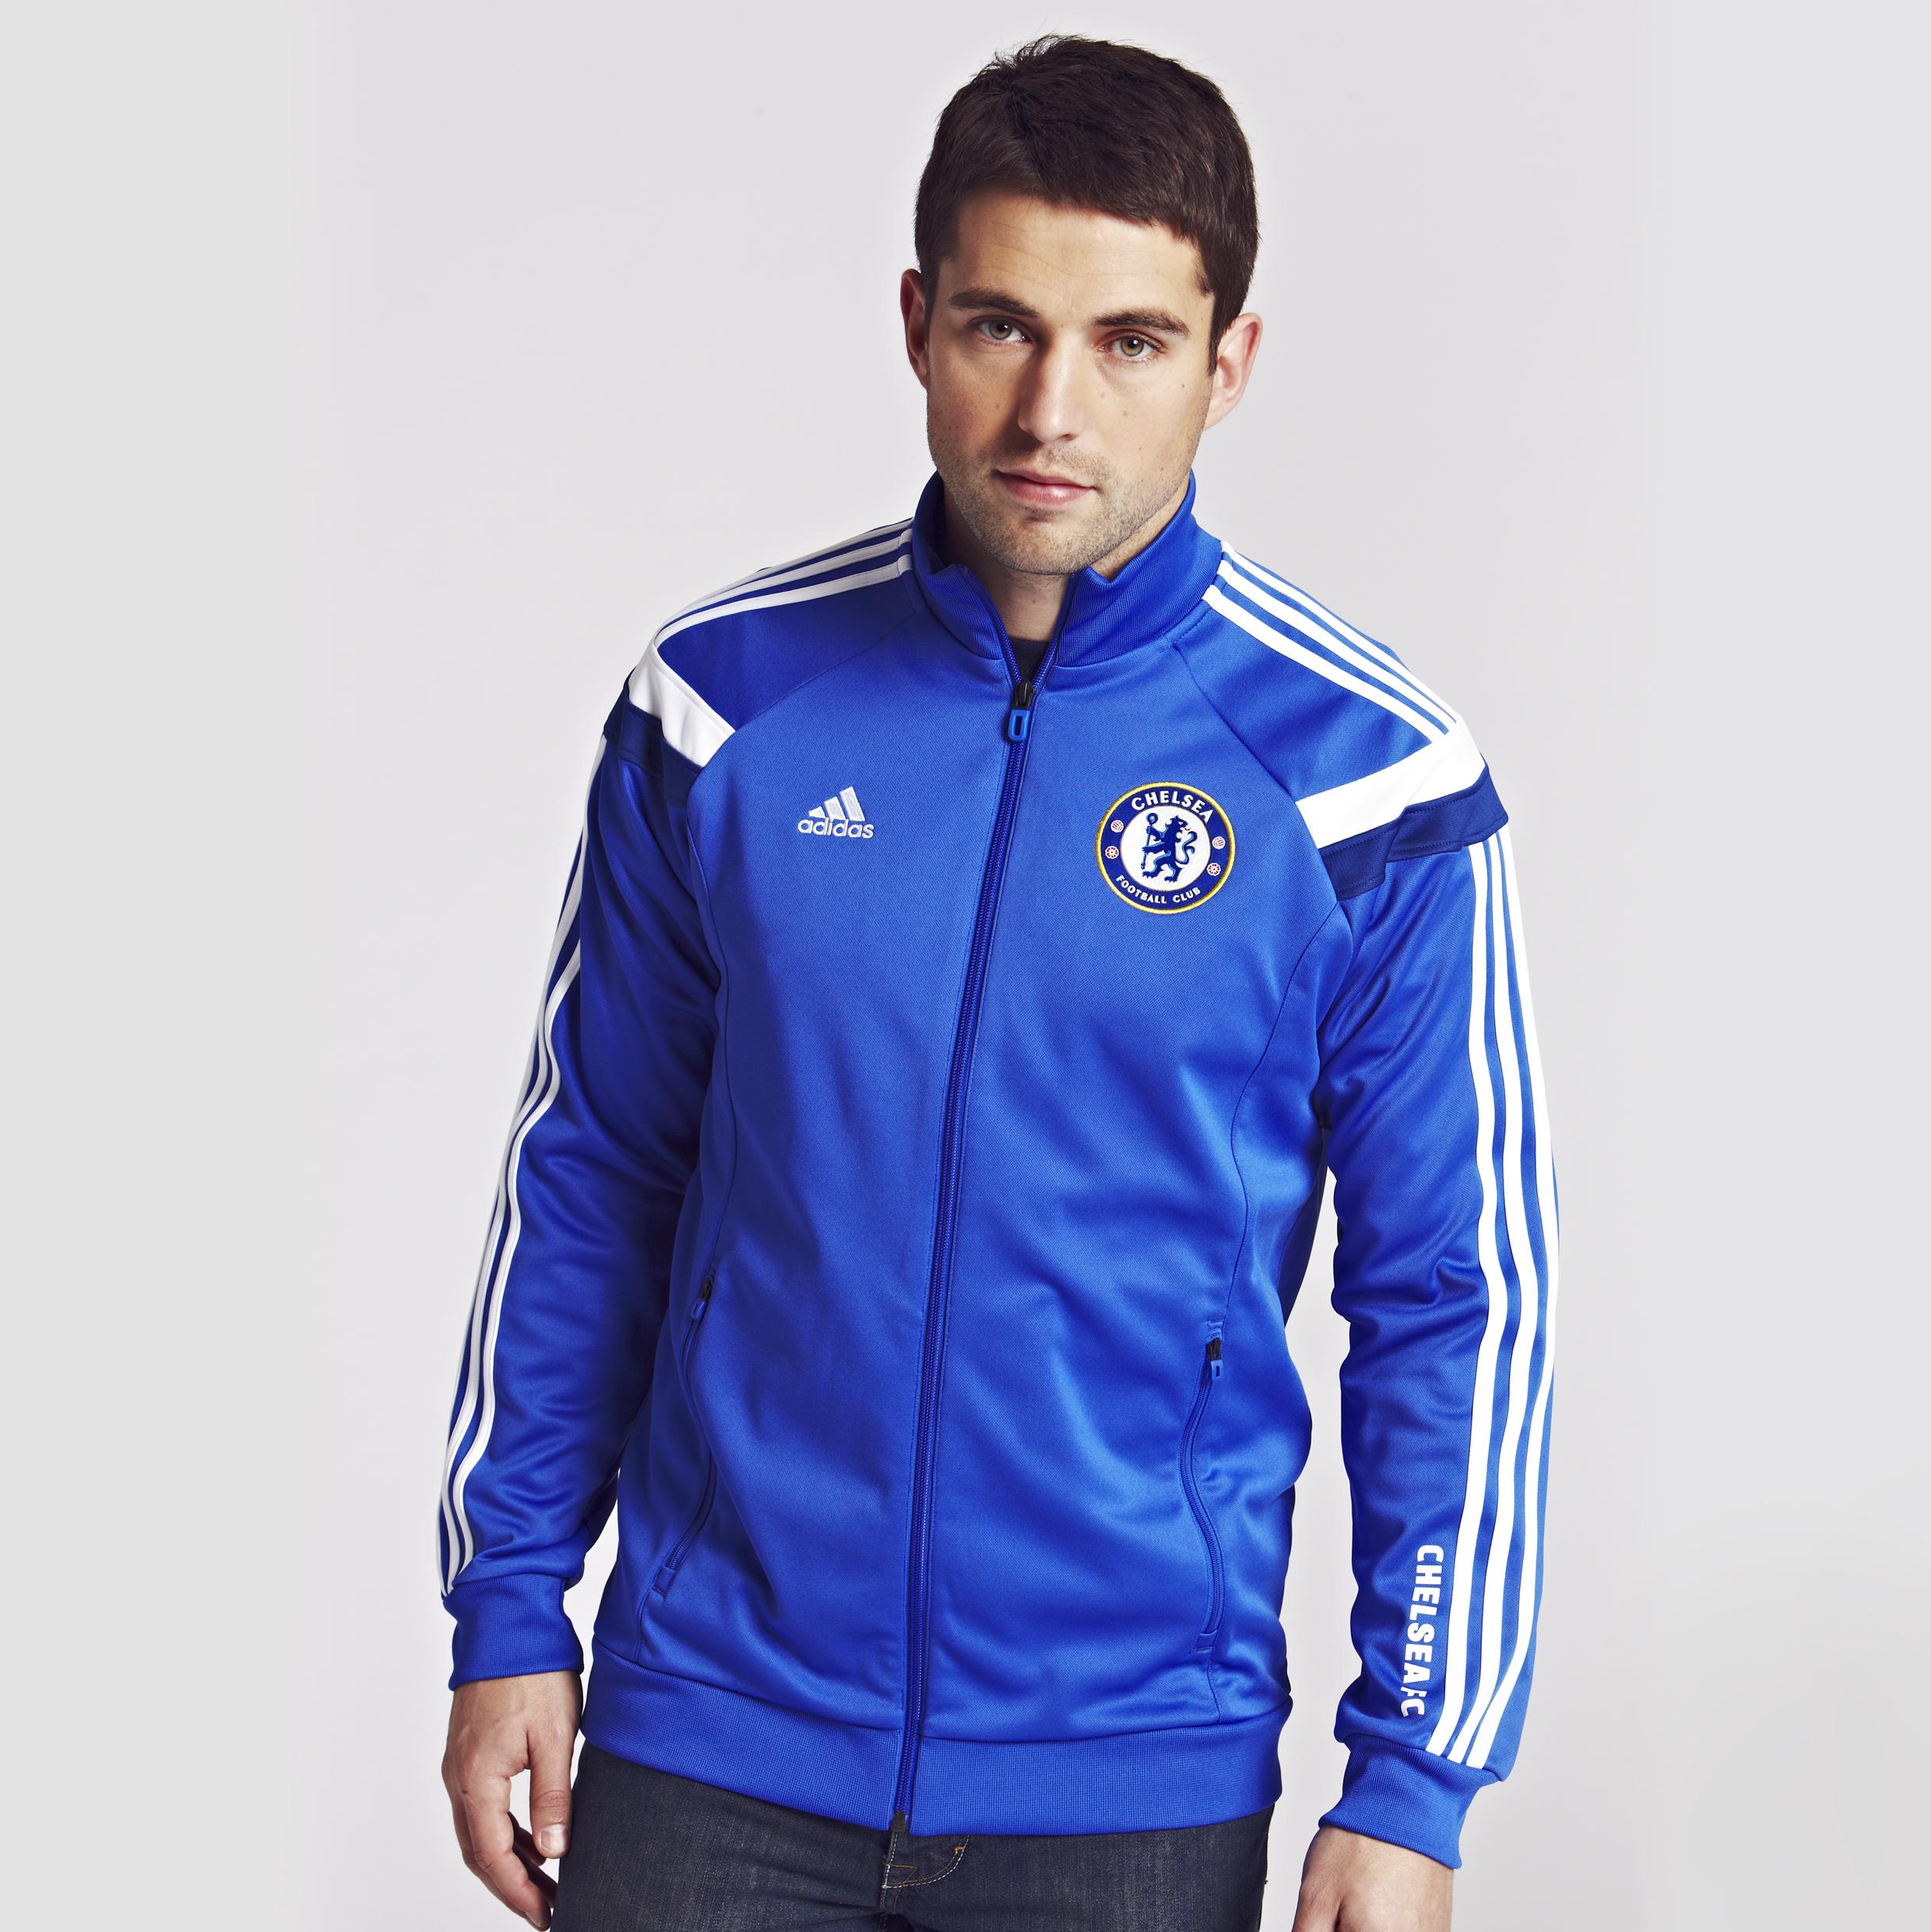 Chelsea Anthem Jacket - Reflex Blue/White/Dark Blue Blue